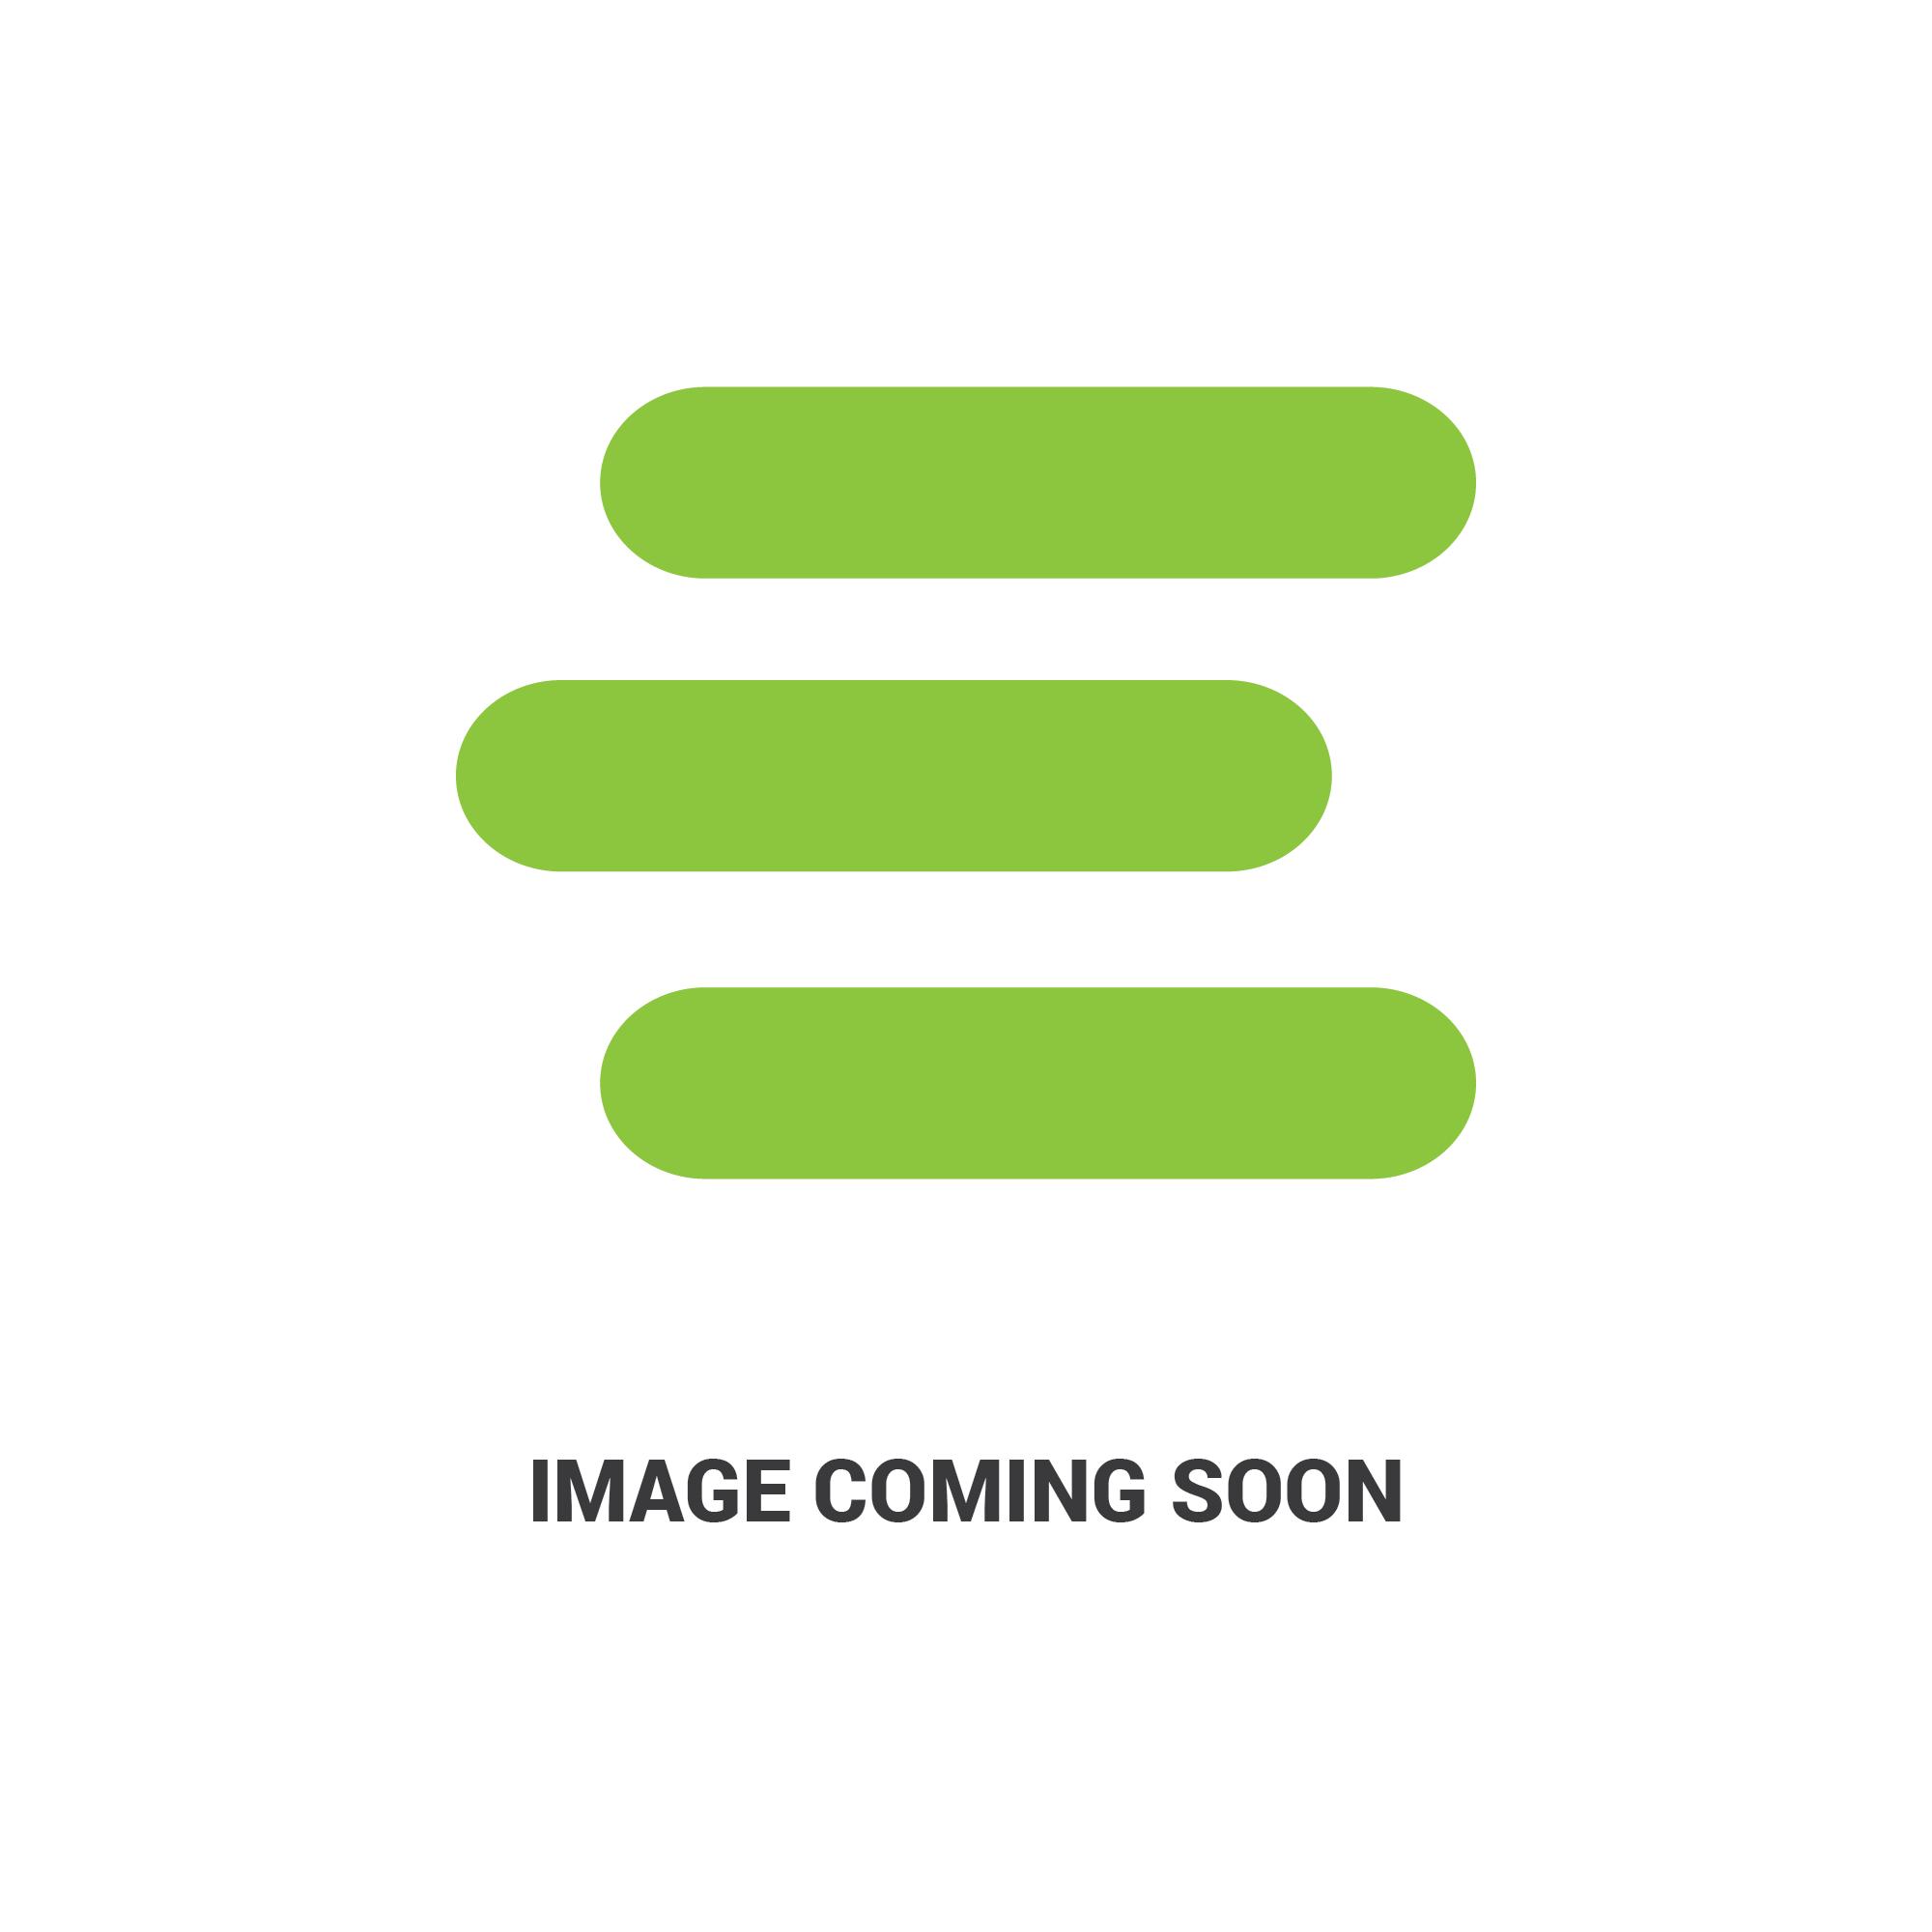 E-AL36556edit 20.jpg